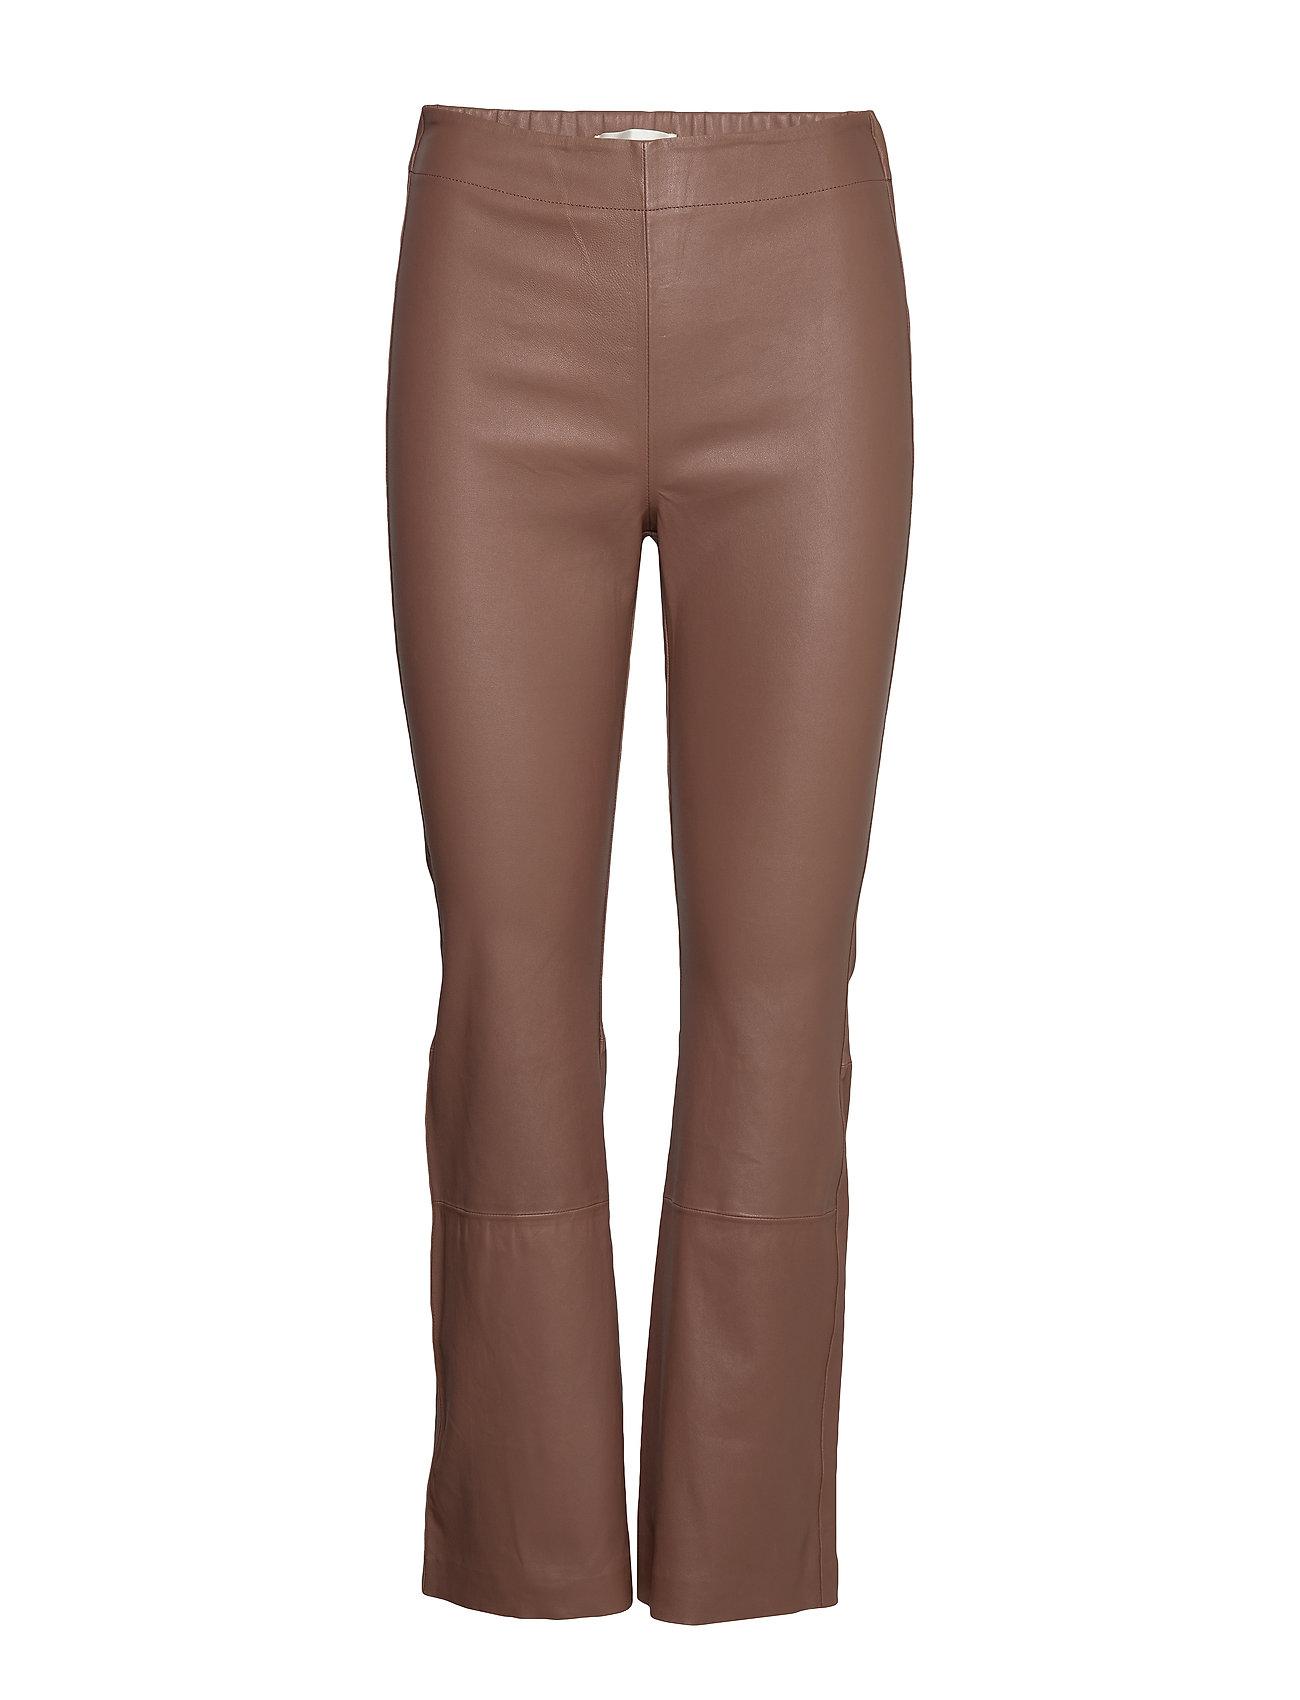 Image of Cedar Pant Bukser Med Lige Ben Brun InWear (3309709919)